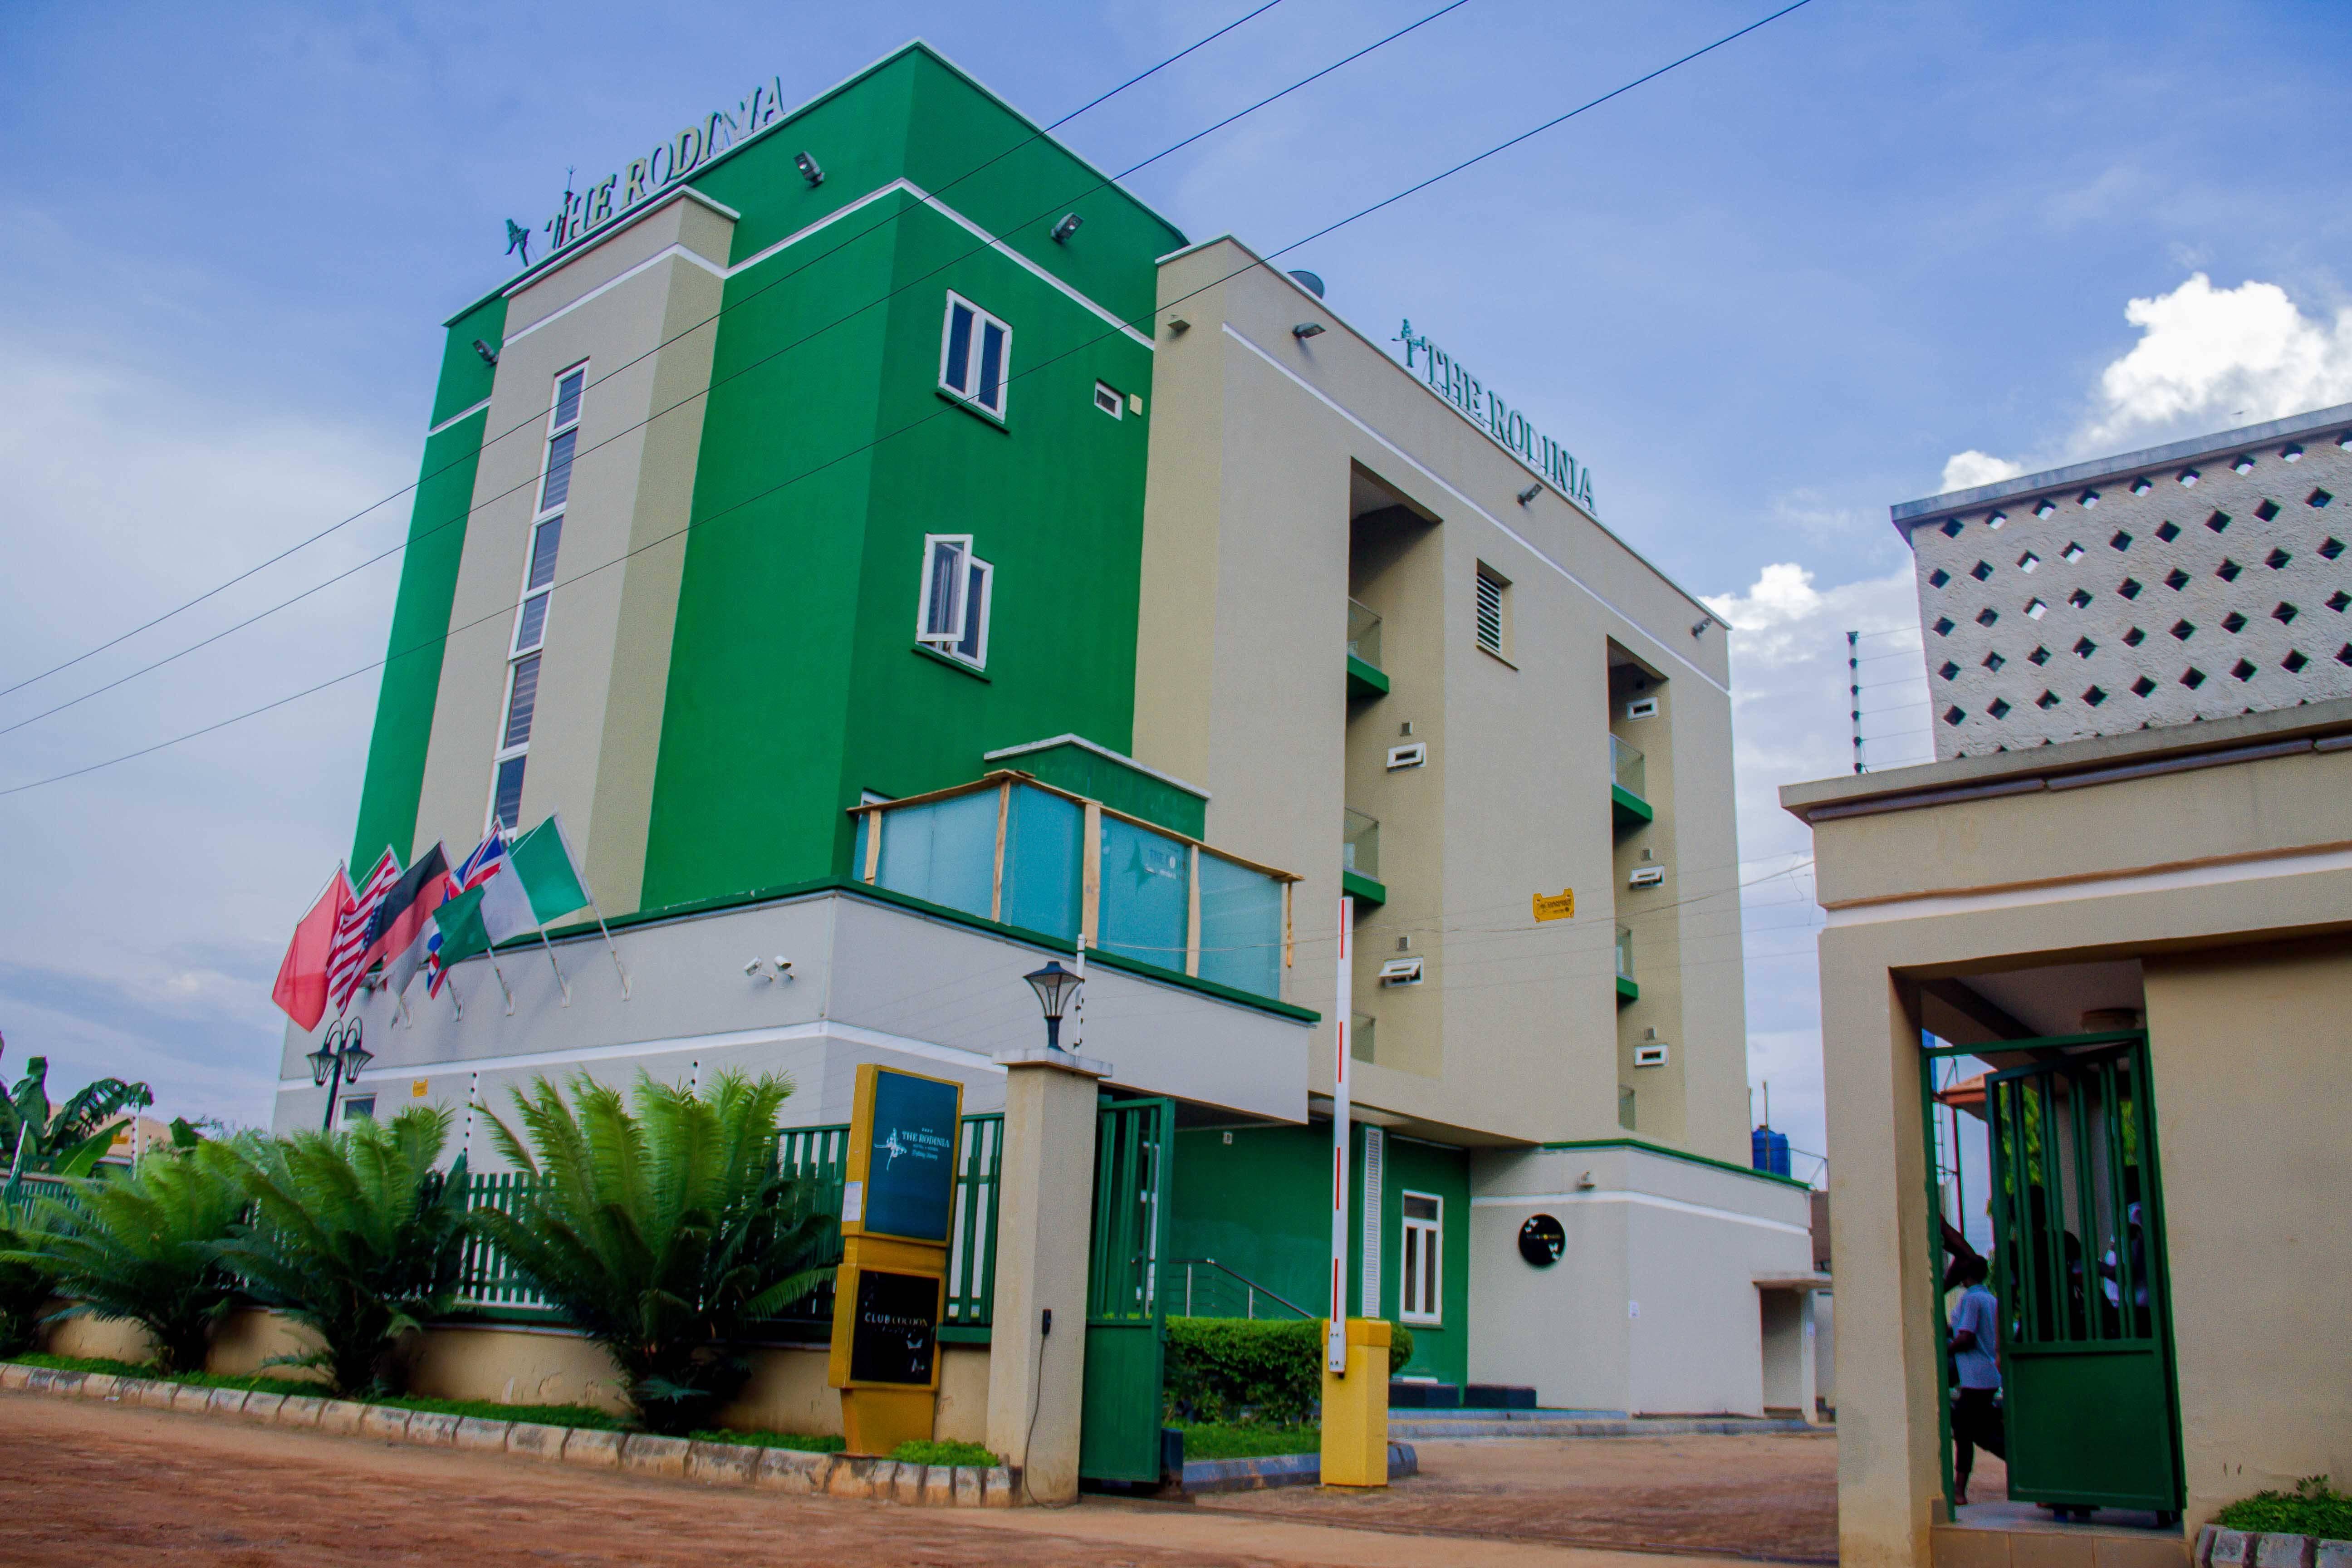 The Rodinia Hotel